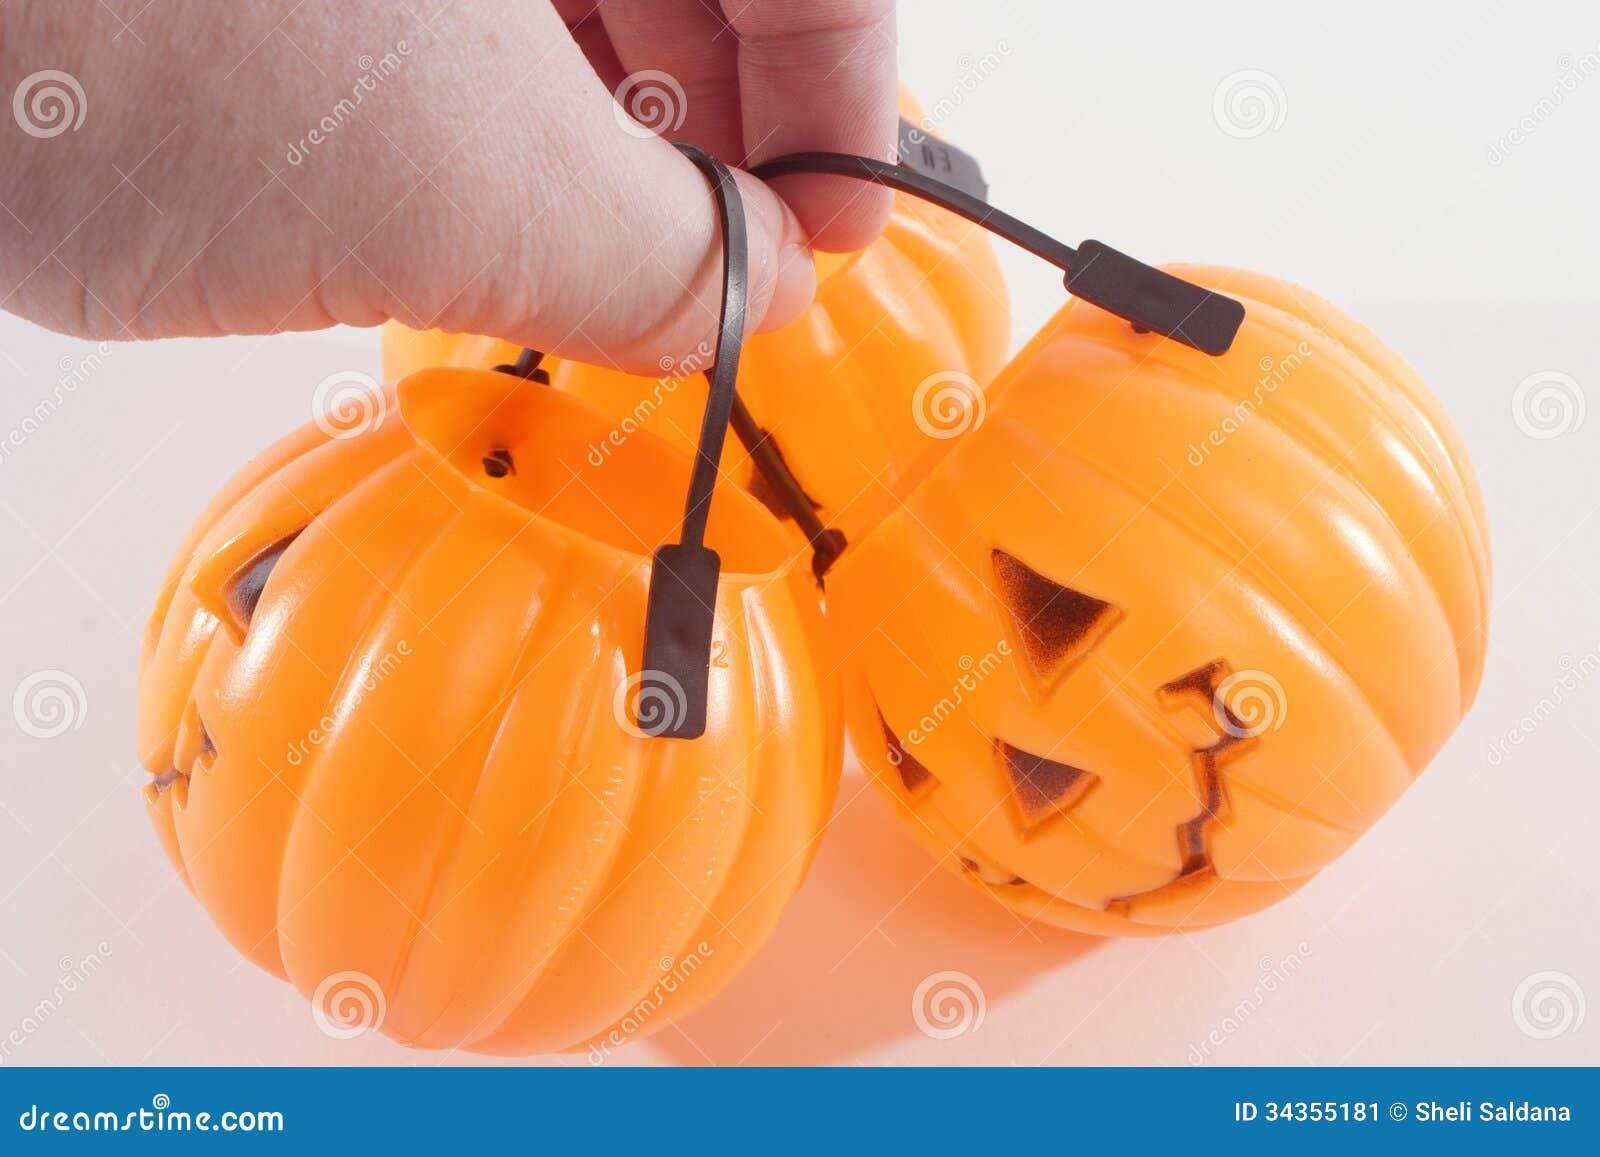 A Bunch of Plastic Pumpkins